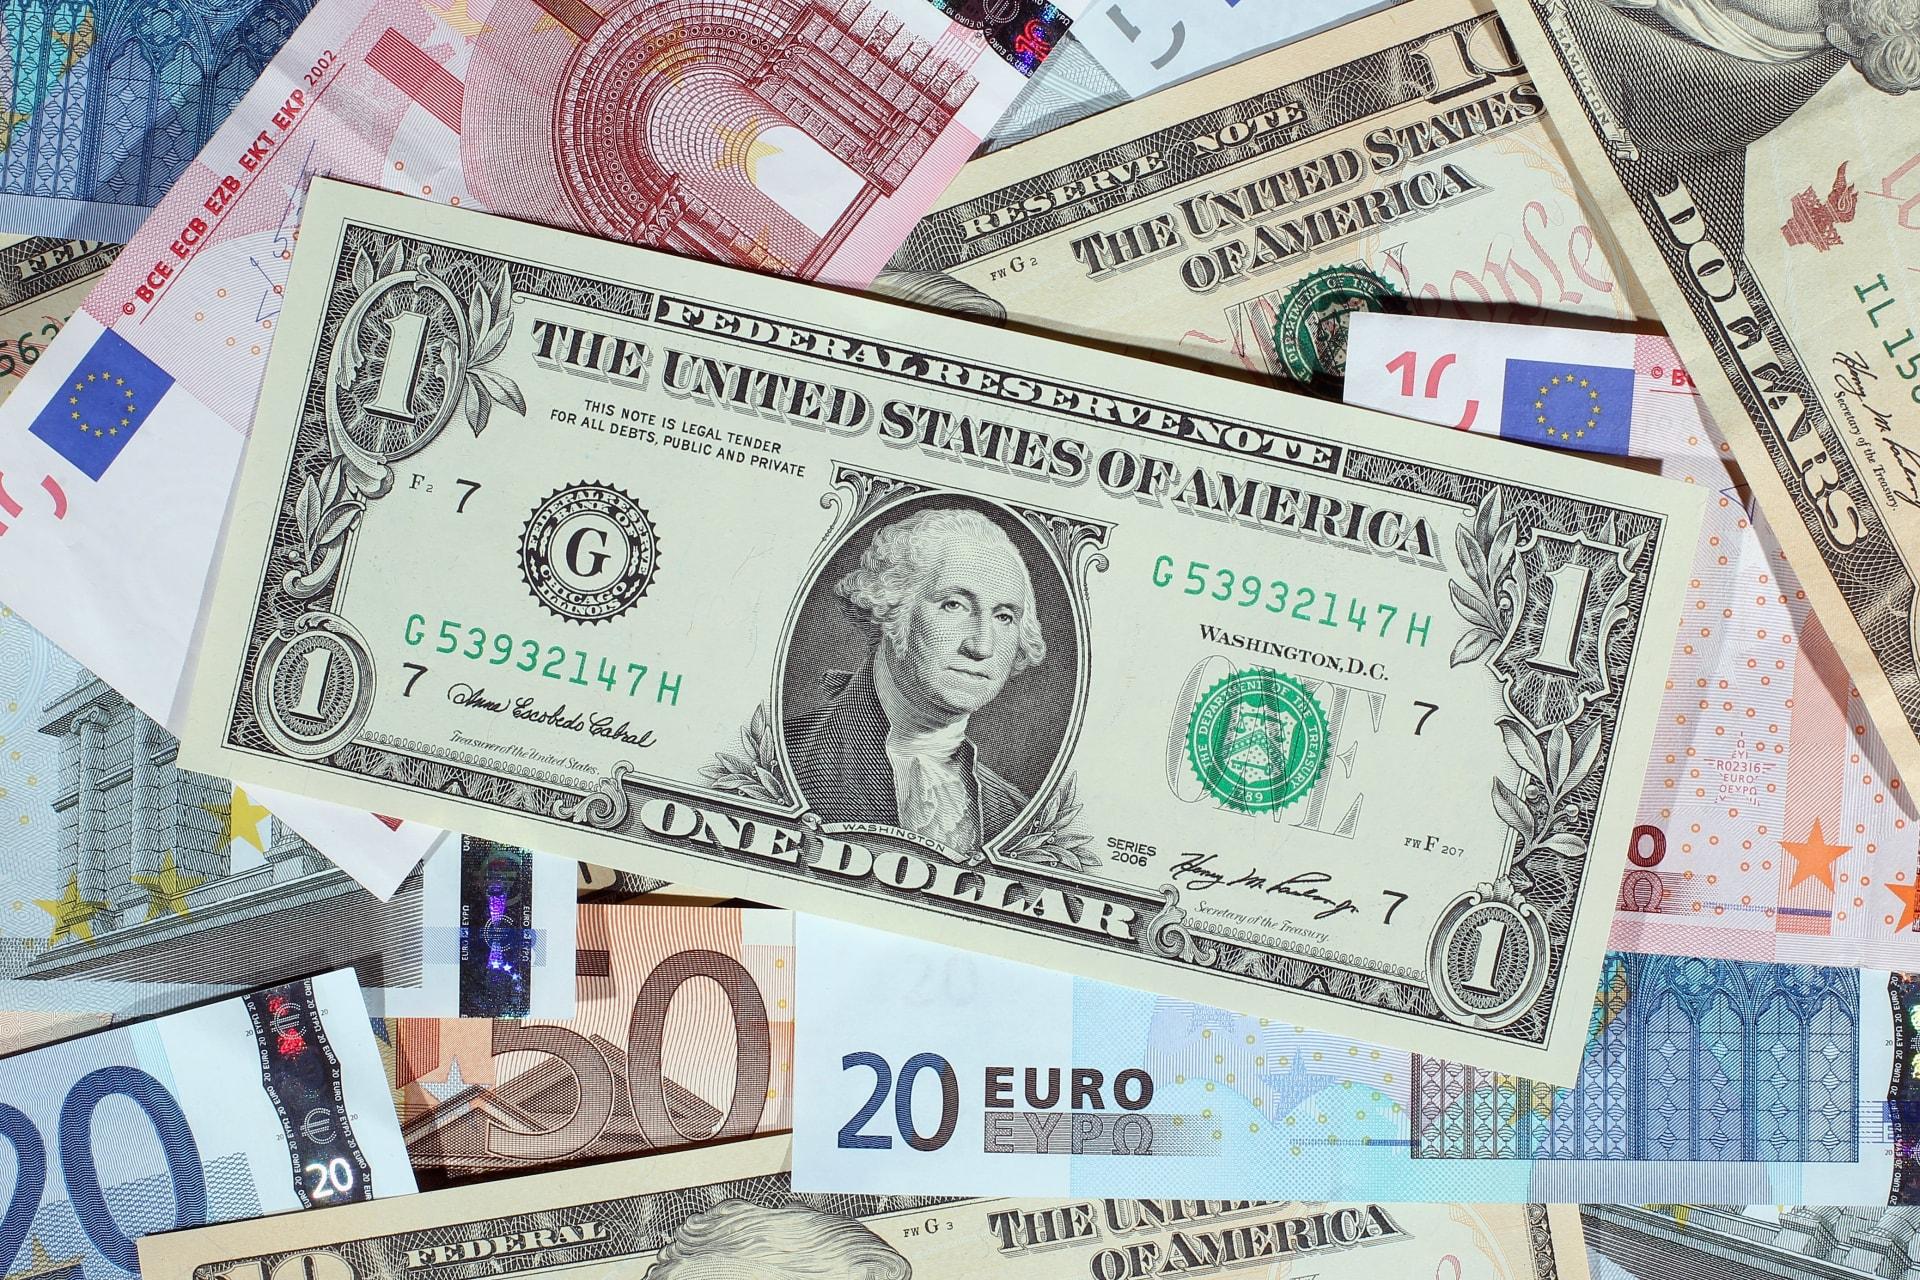 السعودية.. ودائع الأفراد والشركات بالعملة الأجنبية تتجاوز 26 مليار دولار